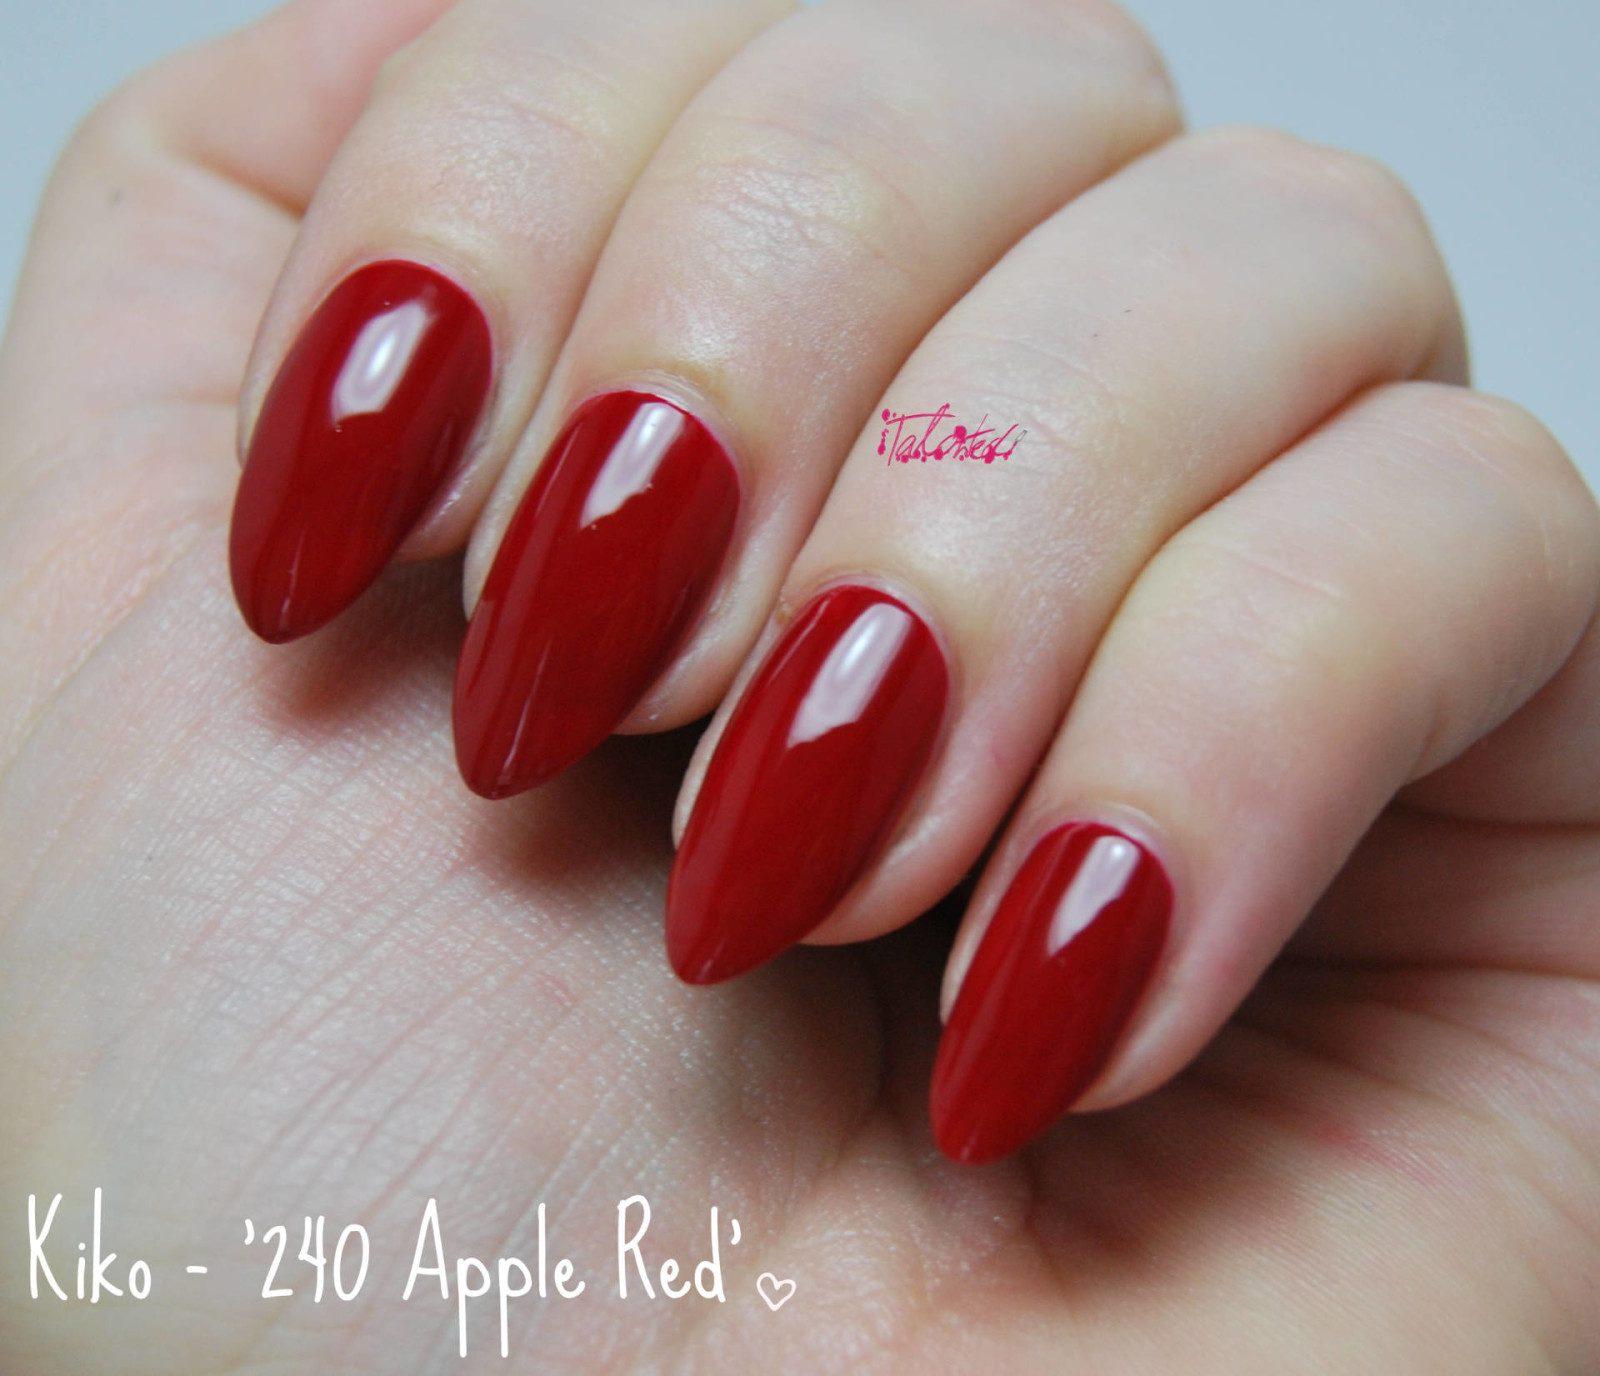 Kiko 240 Apple Red Review